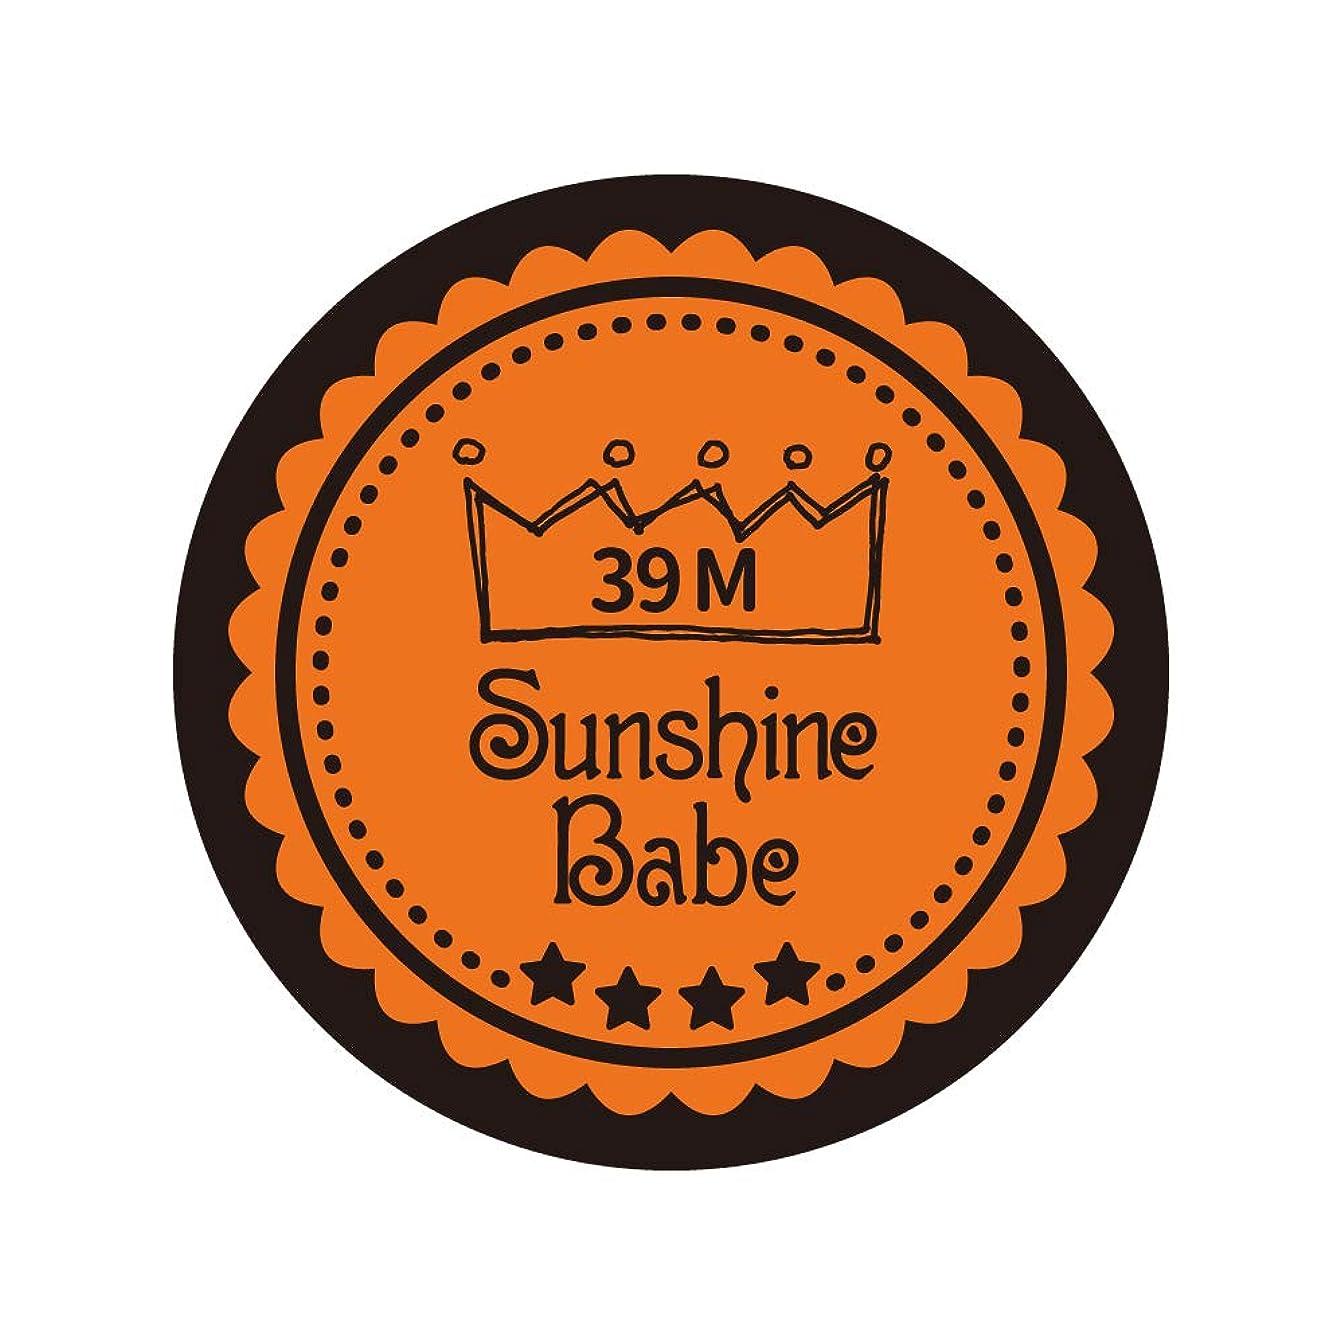 異なる増幅バイパスSunshine Babe カラージェル 39M ラセットオレンジ 2.7g UV/LED対応